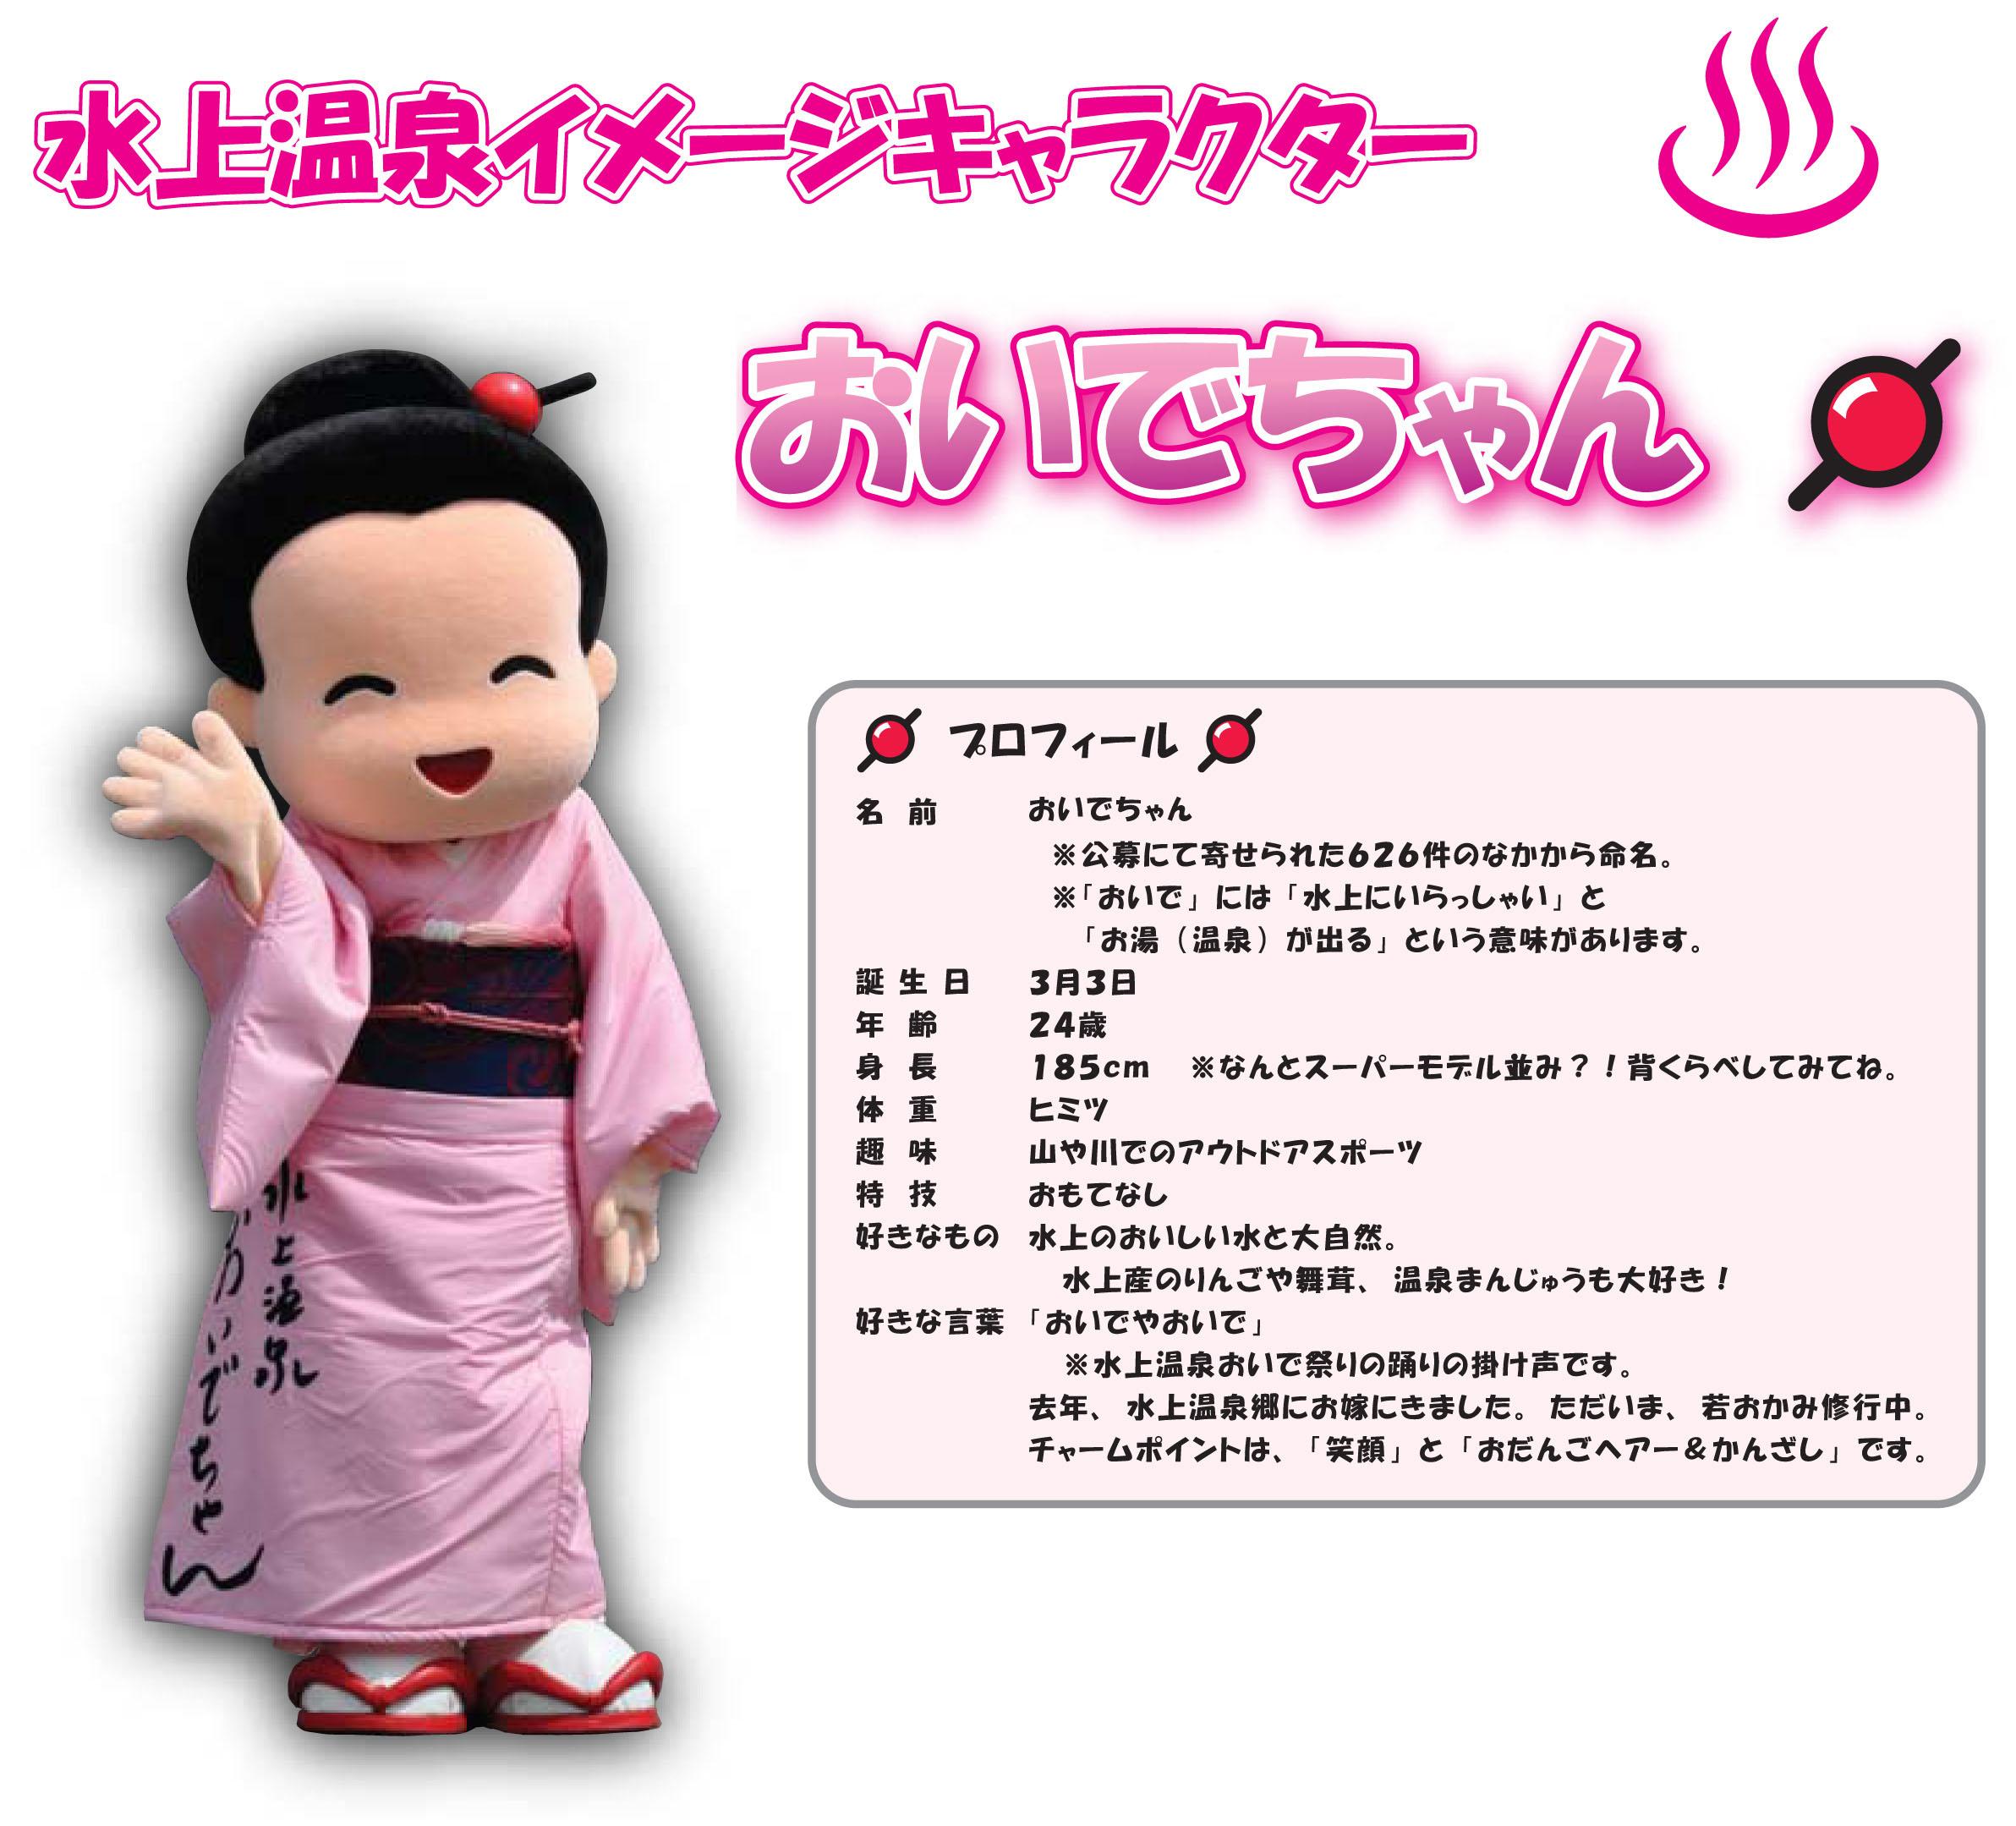 おいでちゃんが【ゆるキャラグランプリ2013】にエントリーしています!